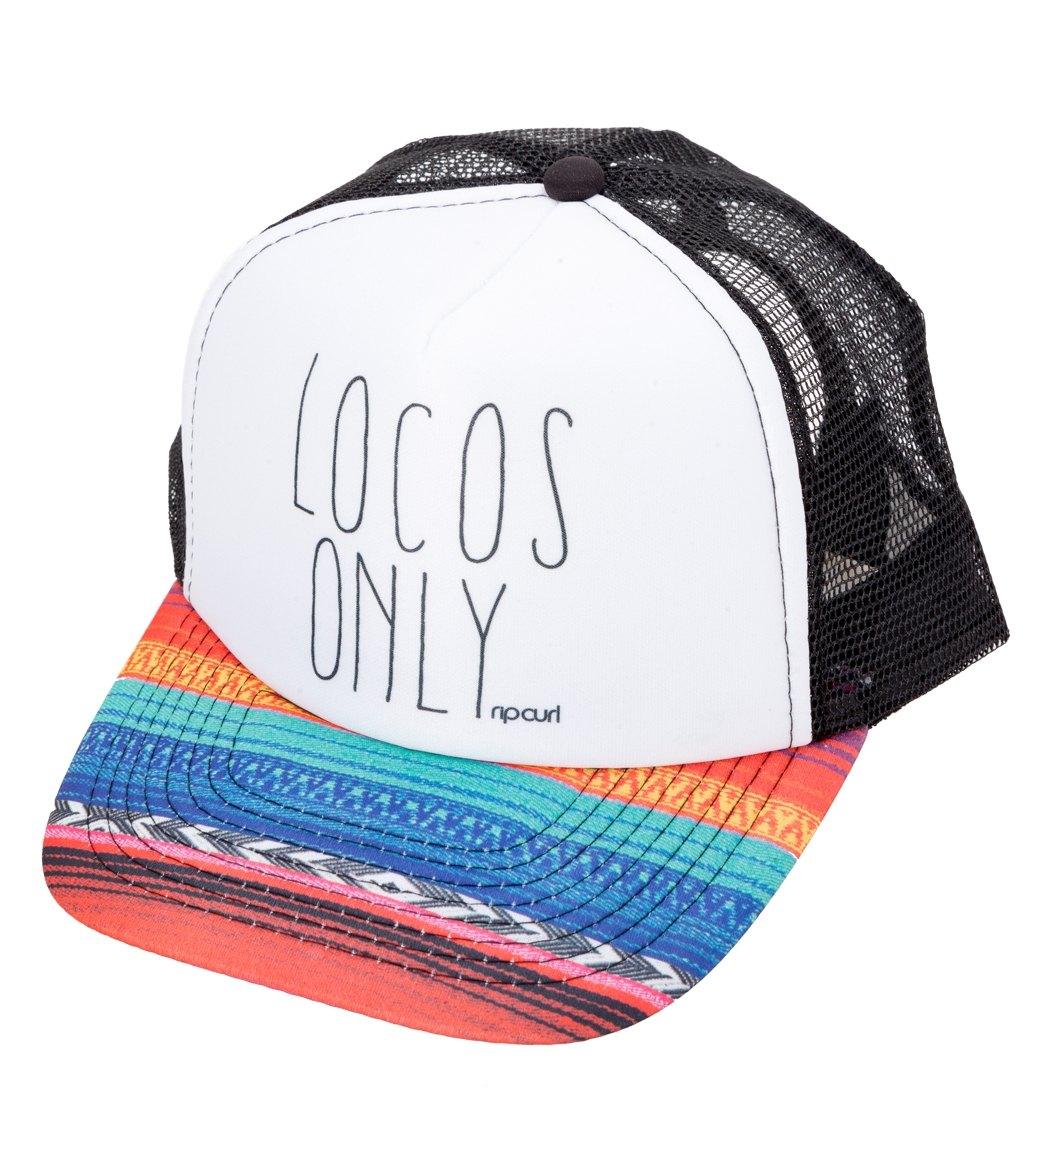 Rip Curl Lolita Trucker Hat at SwimOutlet.com 245795352a3a